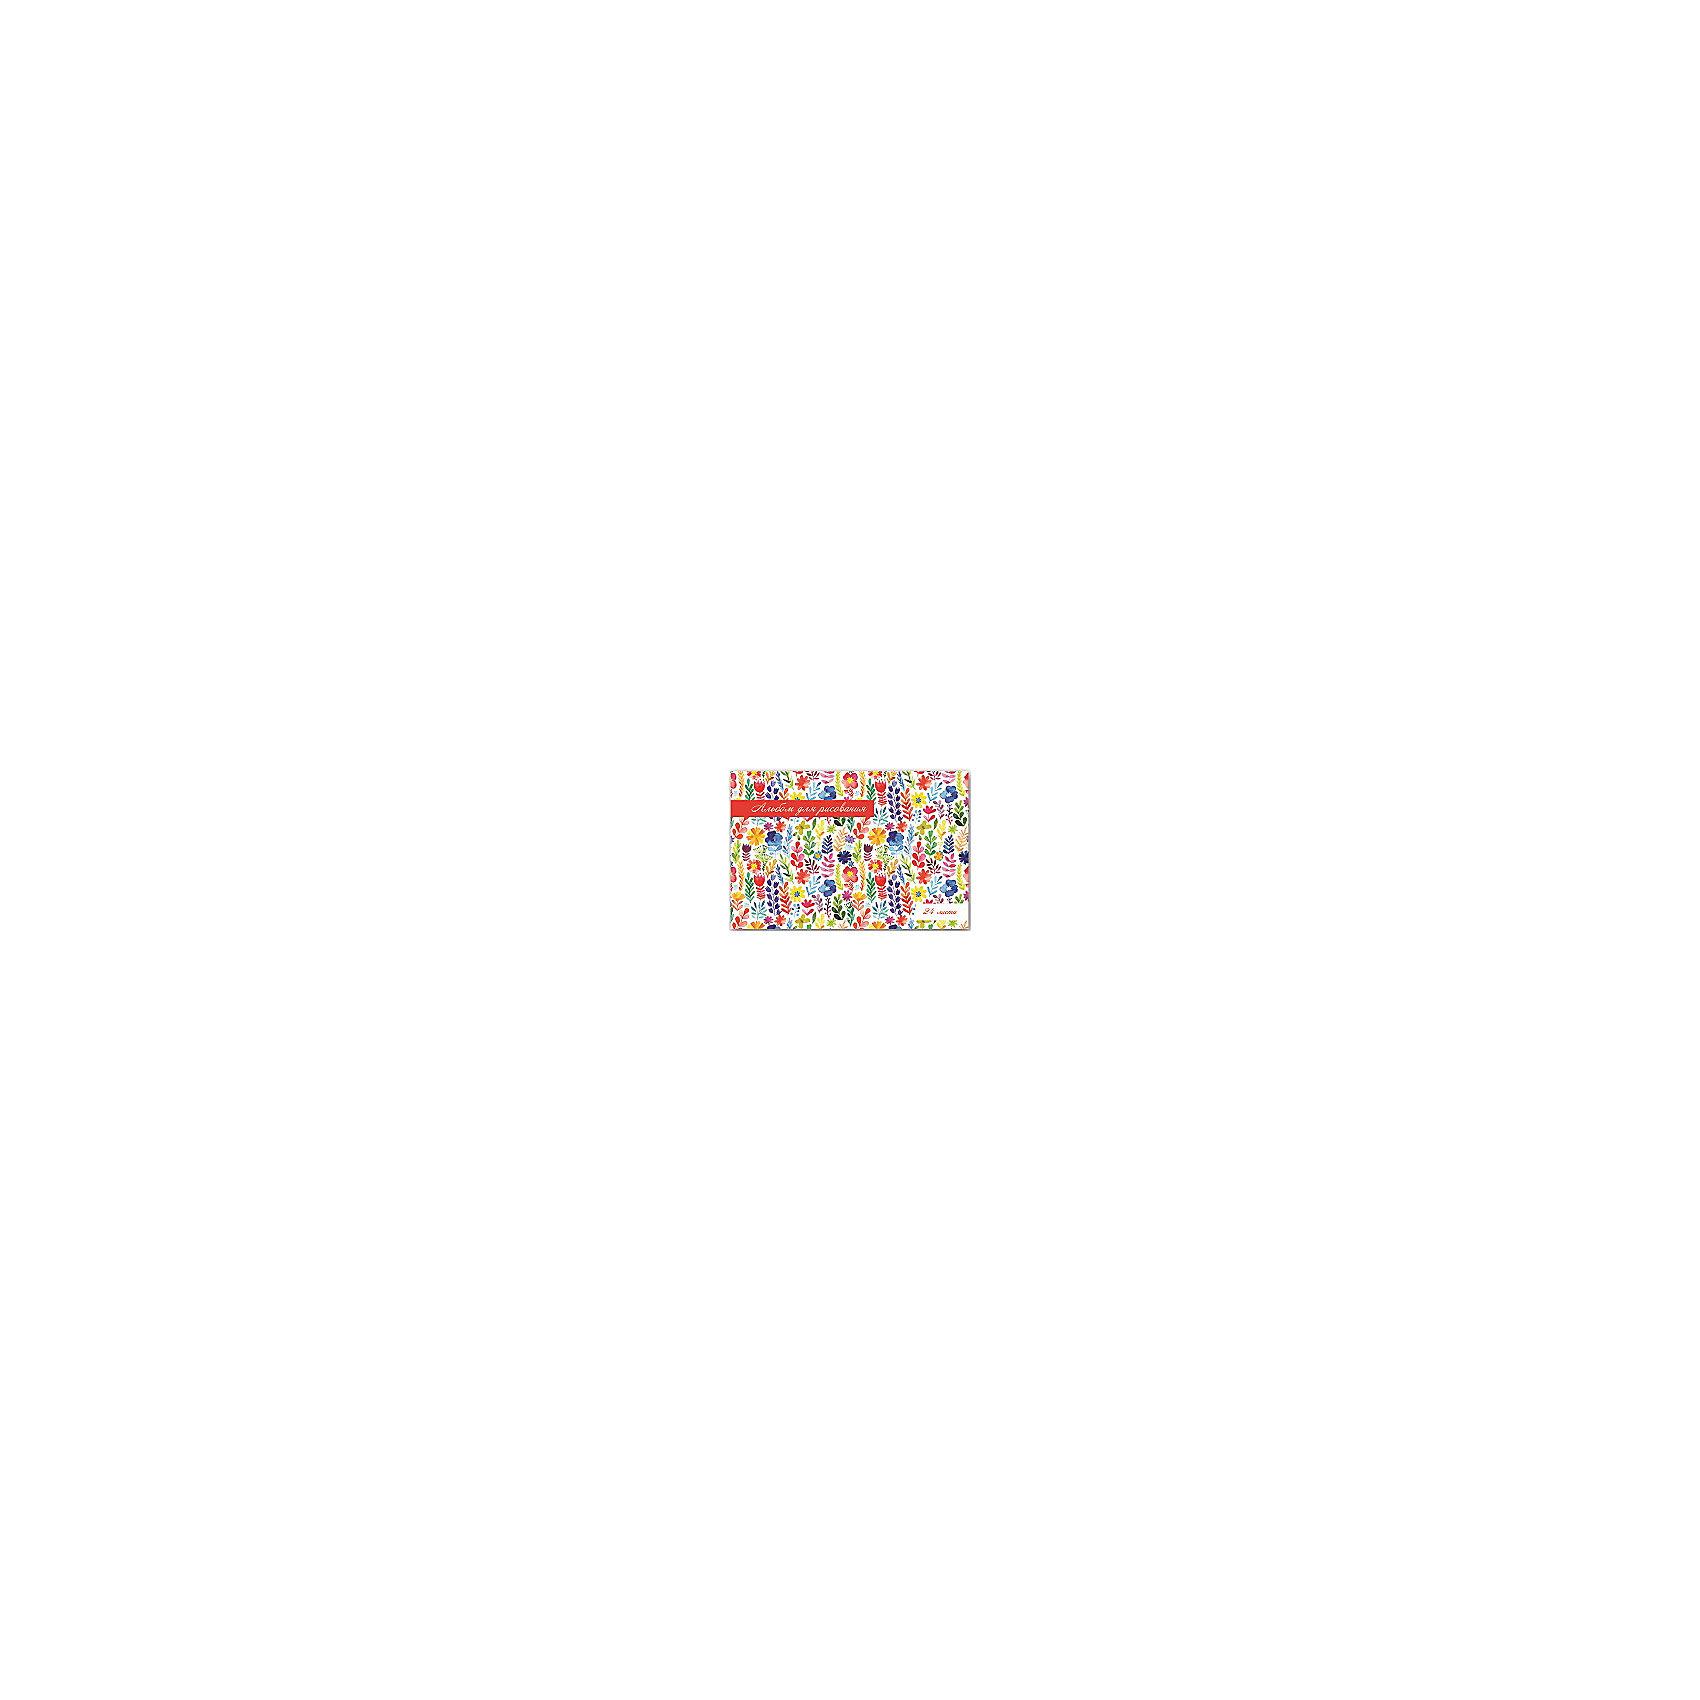 Альбом для рисования Акварельные цветы, 40лБумажная продукция<br>Скоро 1 сентября, а значит Вашему ребенку обязательно понадобиться альбом для рисования!<br><br>Дополнительная информация:<br><br>- Возраст: от 3 лет.<br>- 40 листов.<br>- Формат: А4.<br>- Материал: бумага, картон.<br>- Размер упаковки: 29,5х20х0,7 см.<br>- Вес в упаковке: 303 г.<br><br>Купить альбом для рисования Акварельные цветы можно в нашем магазине.<br><br>Ширина мм: 295<br>Глубина мм: 200<br>Высота мм: 7<br>Вес г: 303<br>Возраст от месяцев: 36<br>Возраст до месяцев: 2147483647<br>Пол: Унисекс<br>Возраст: Детский<br>SKU: 4943588